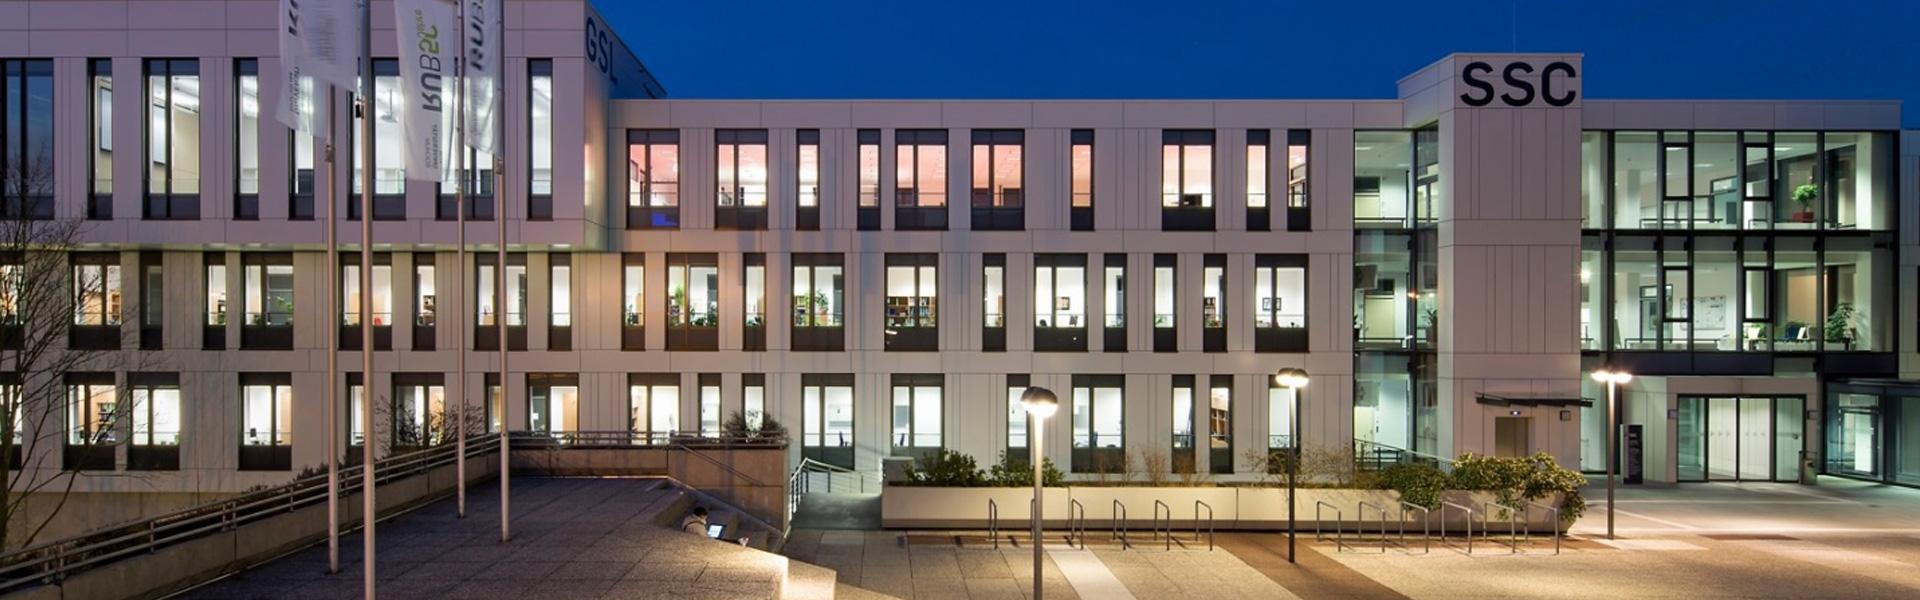 Ruhr-Universität Bochum - Außenansicht